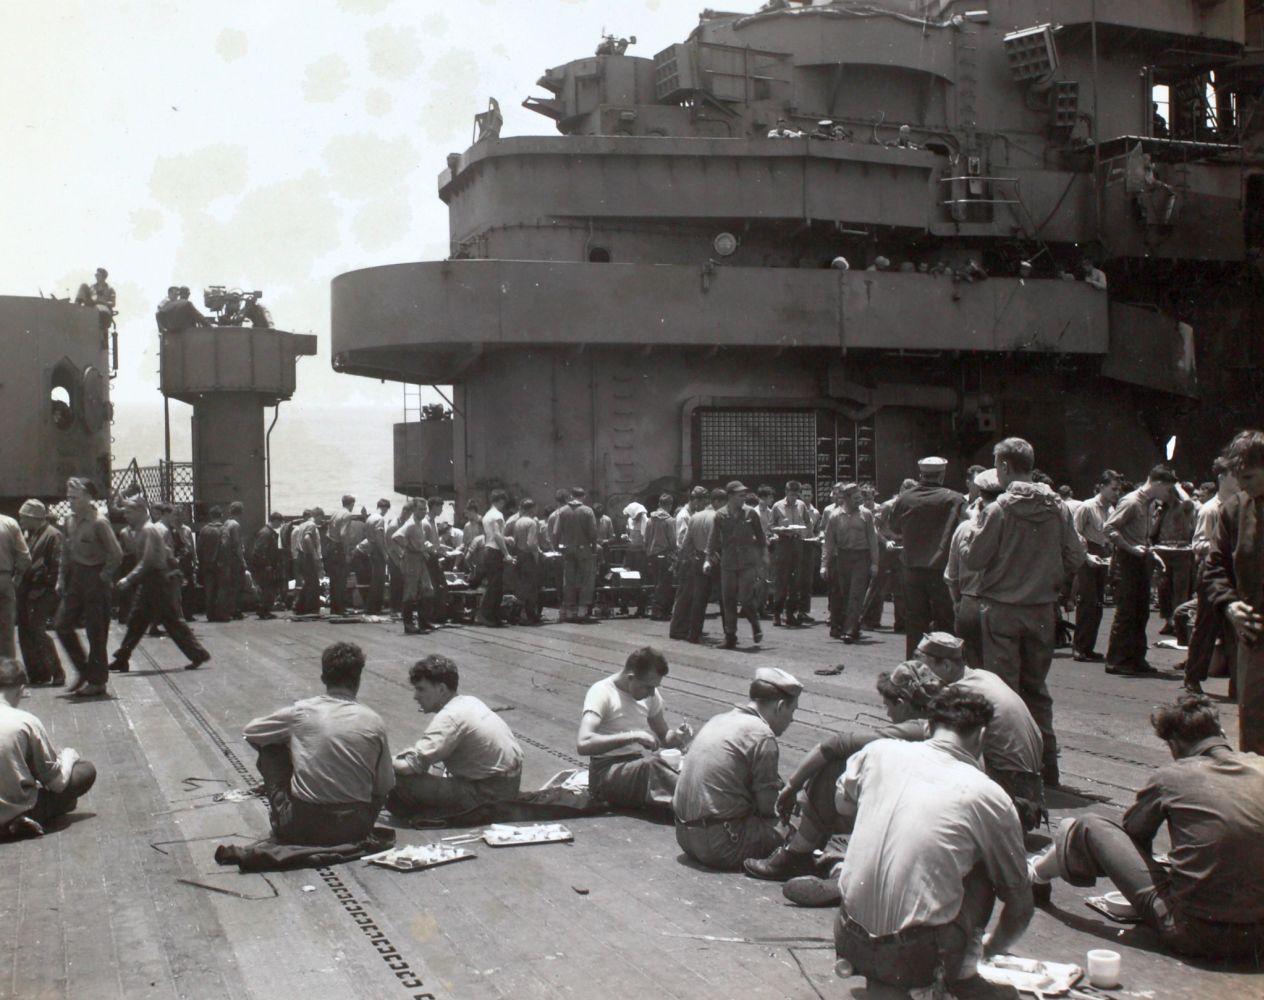 l'US navy 13313286723_8cf917a74b_o